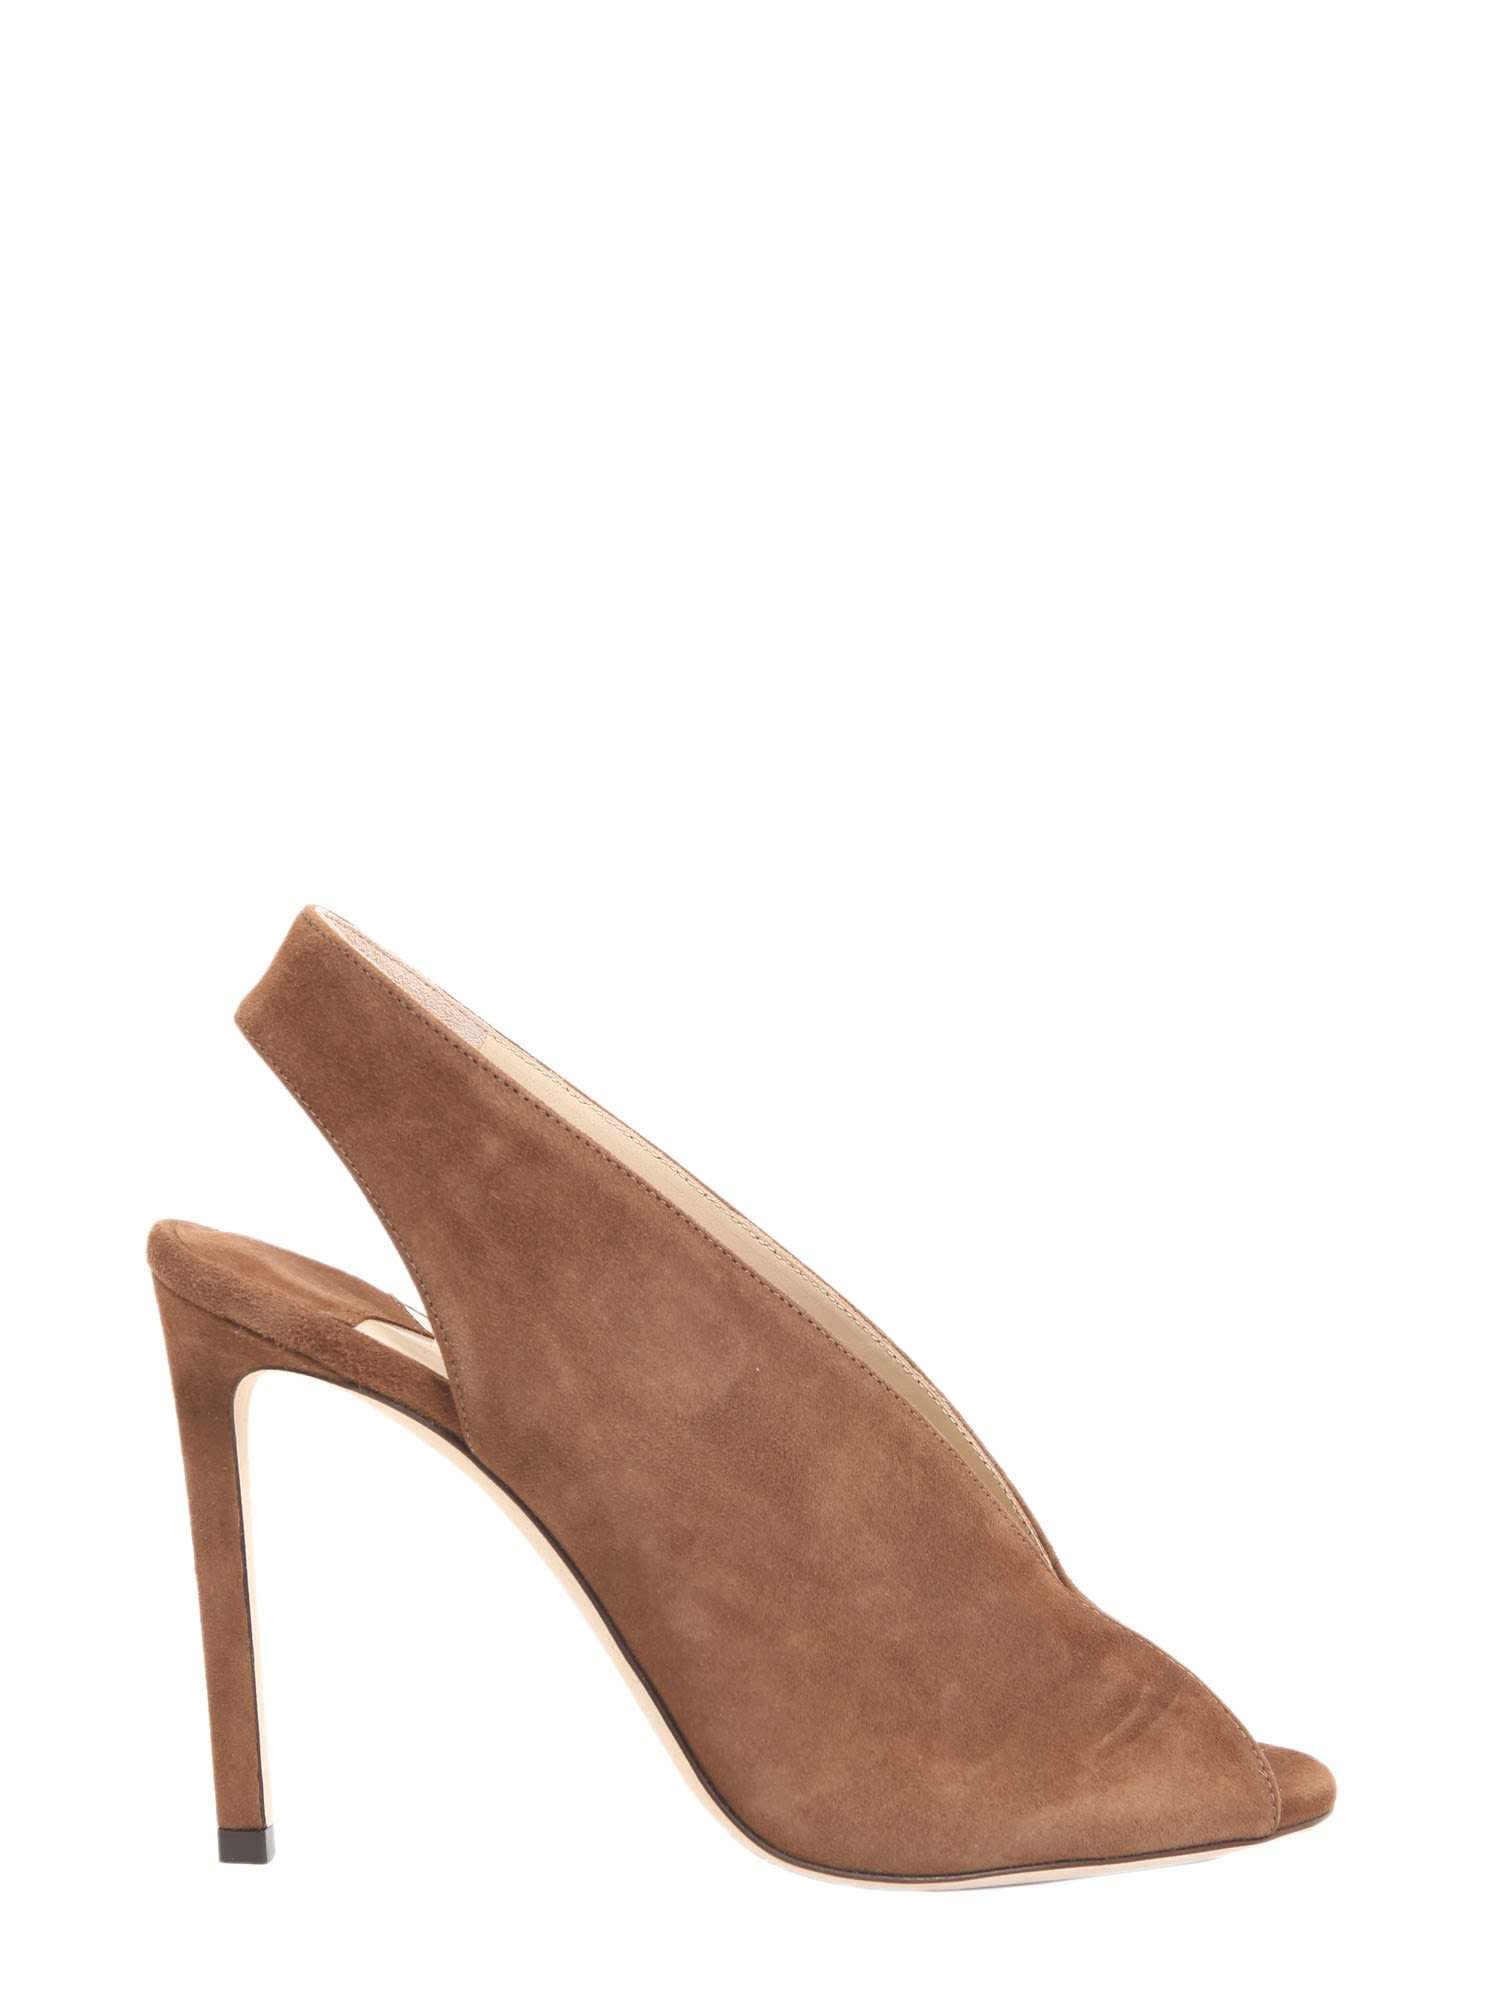 Shar Sandals